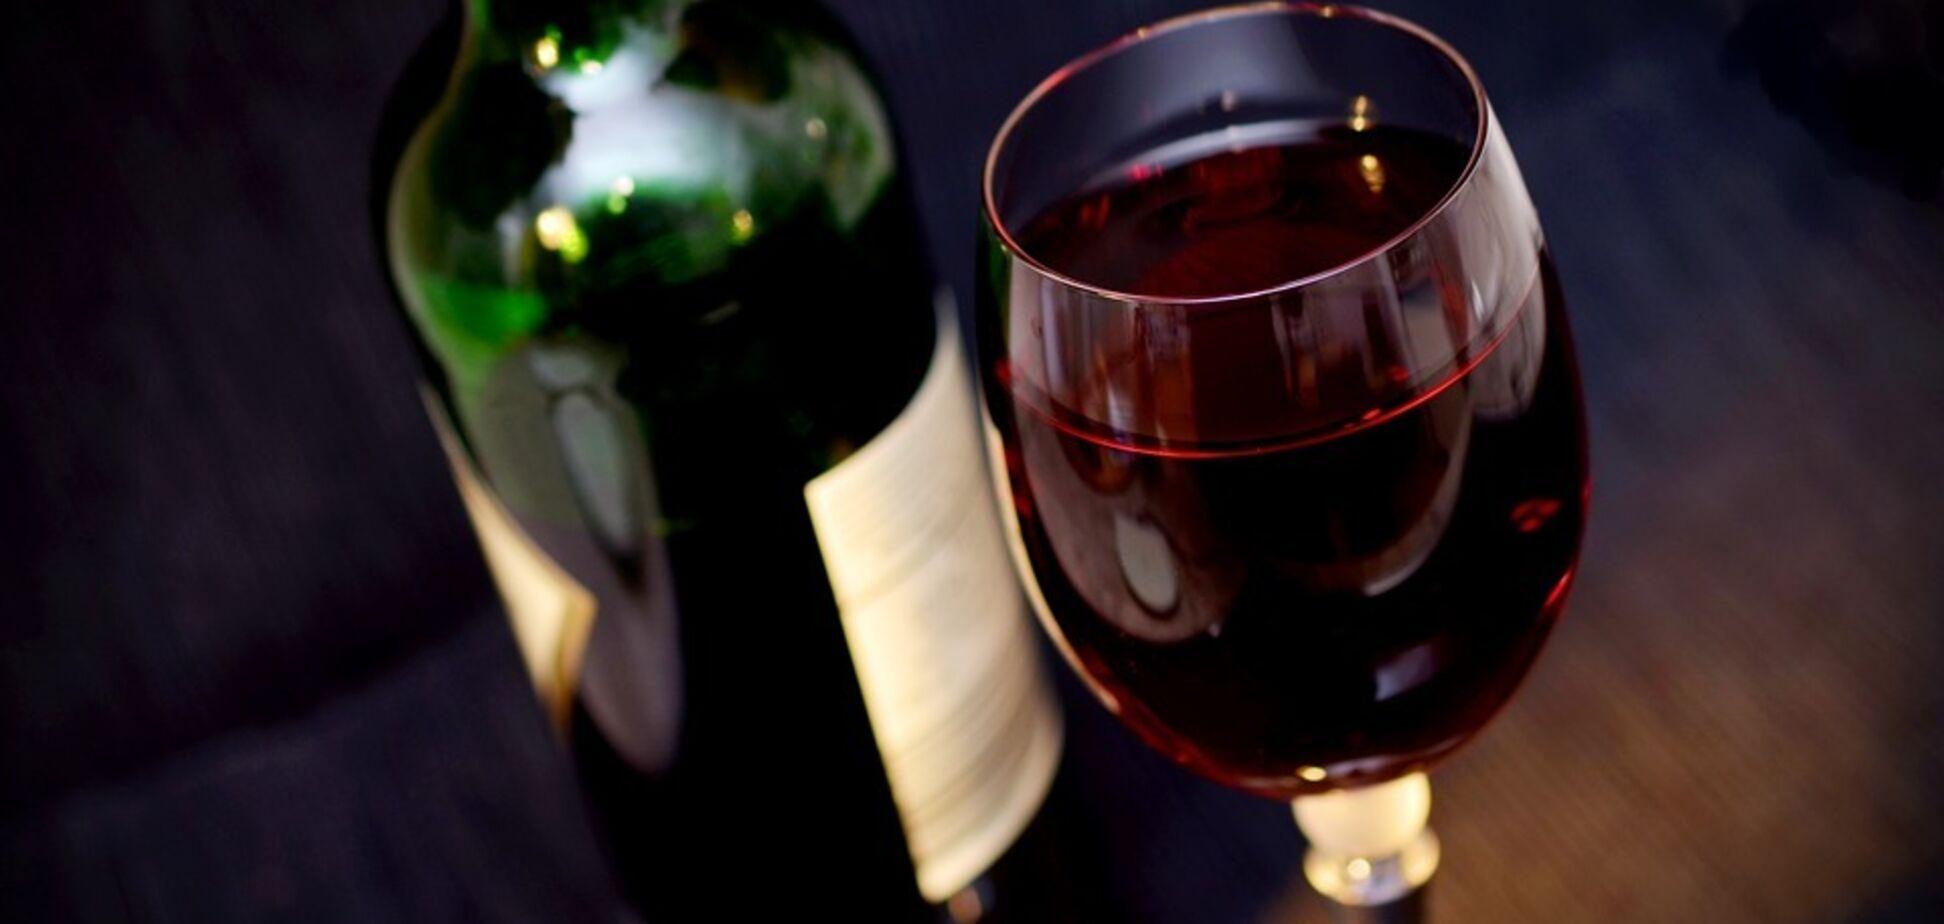 Скільки пити вина: вчені назвали безпечну дозу